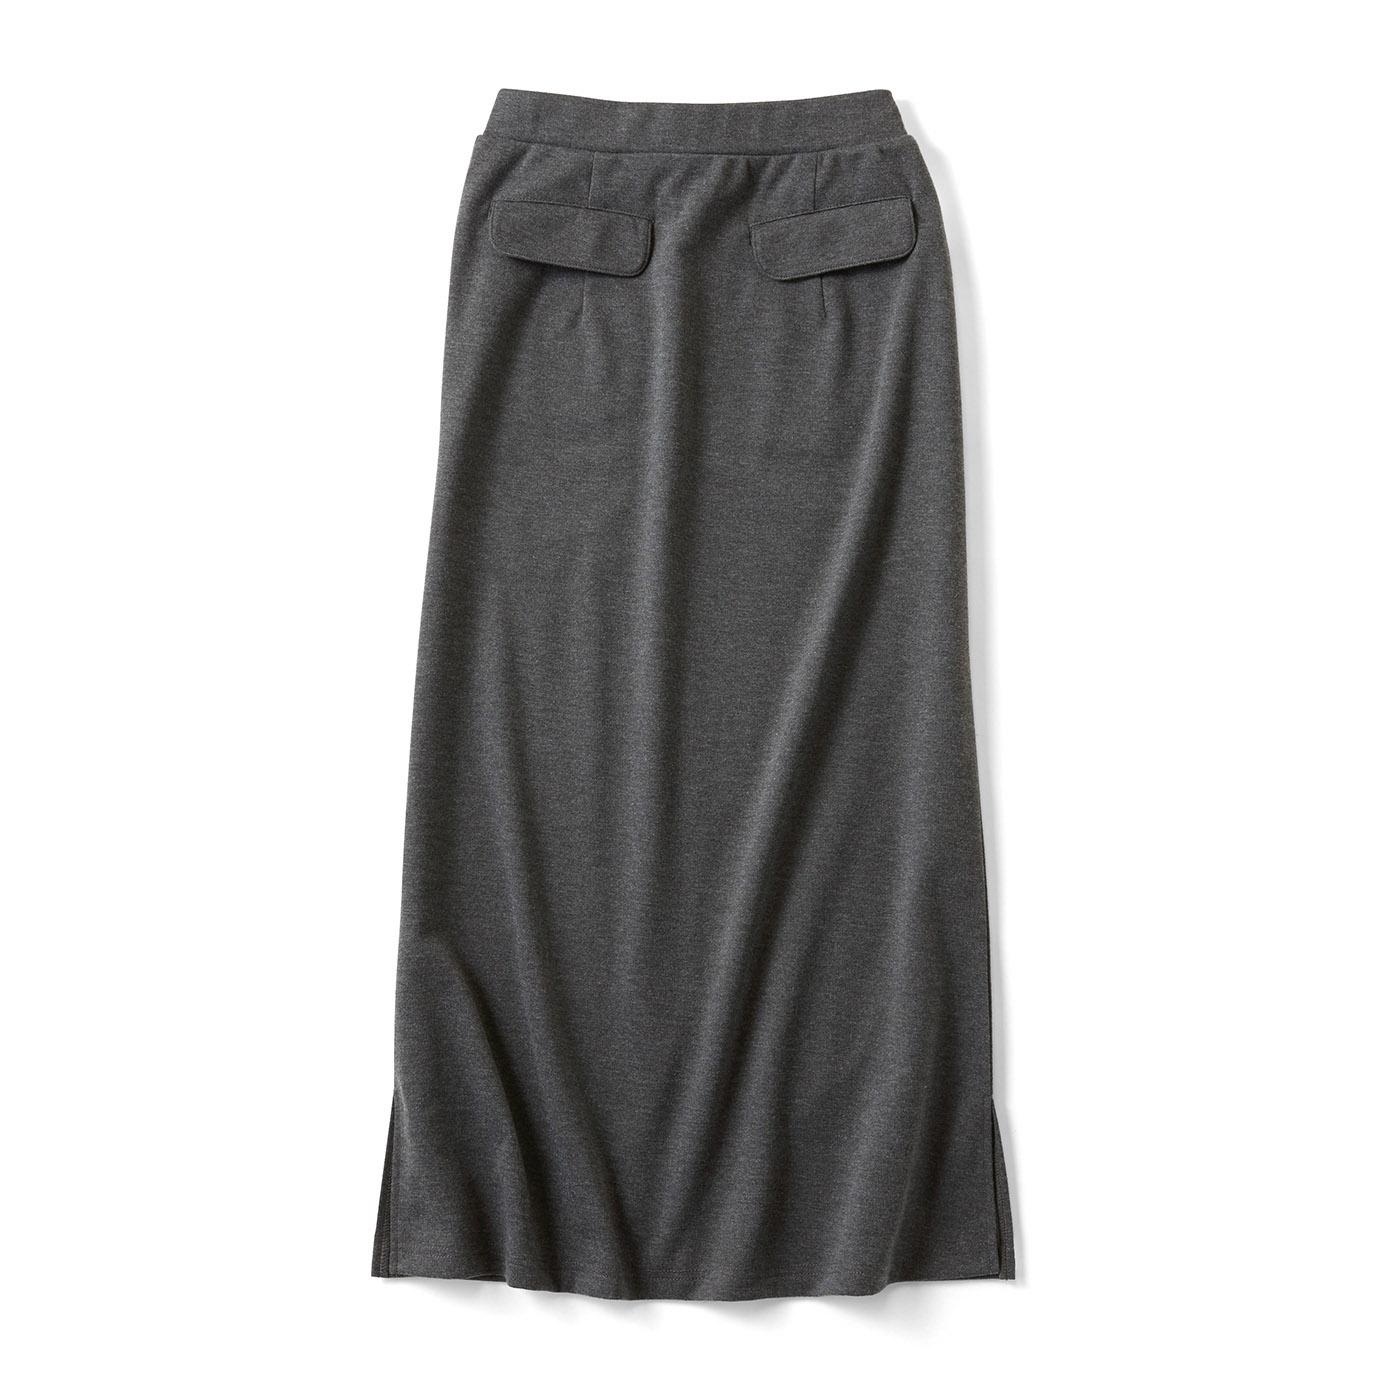 すっきりとらくちんなIラインスカート〈チャコールグレー〉